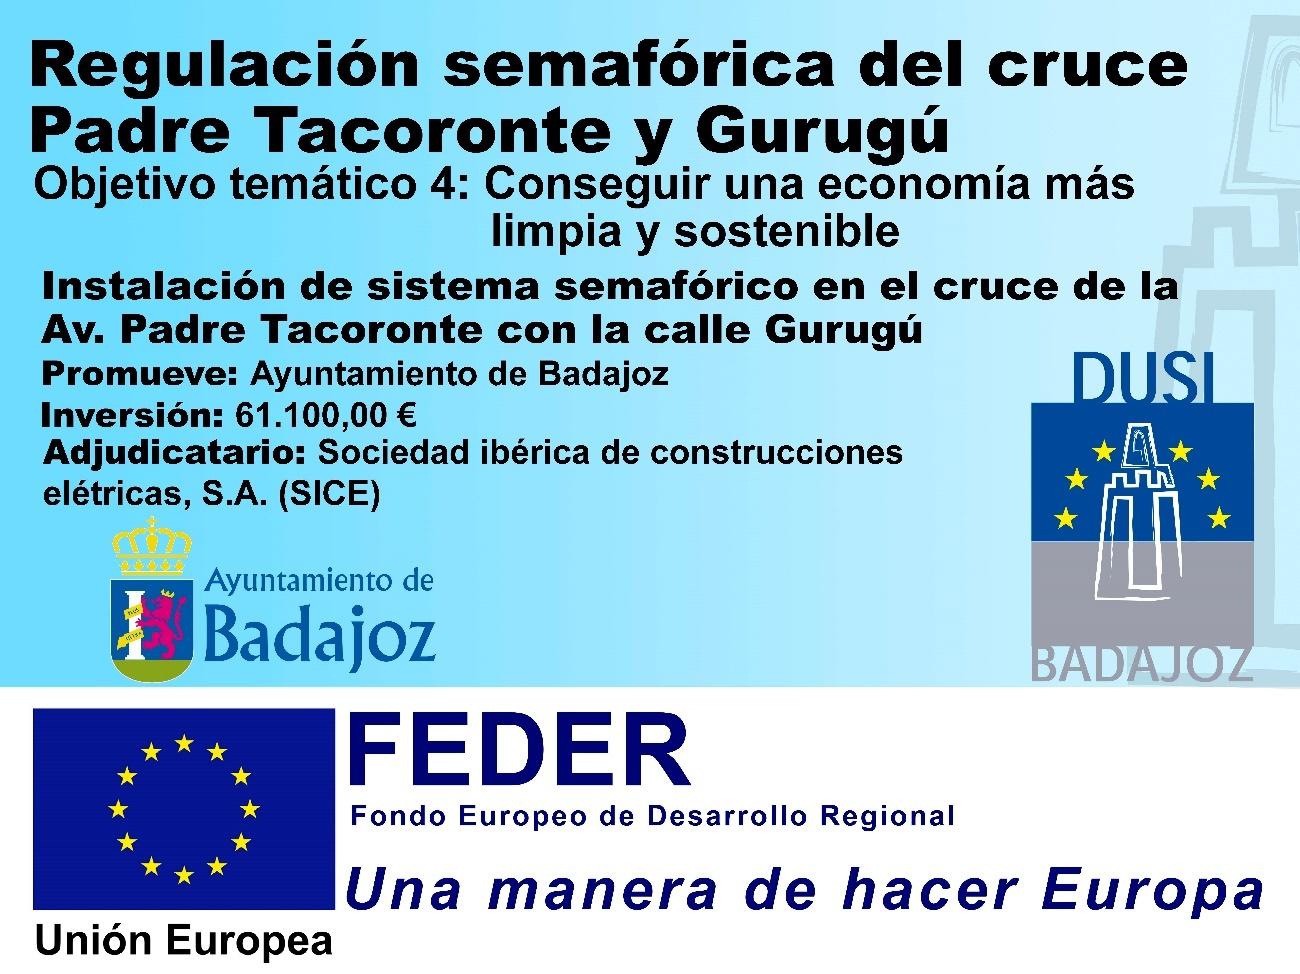 Regulación Semafórica del cruce Padre Tacoronte y Gurugú.